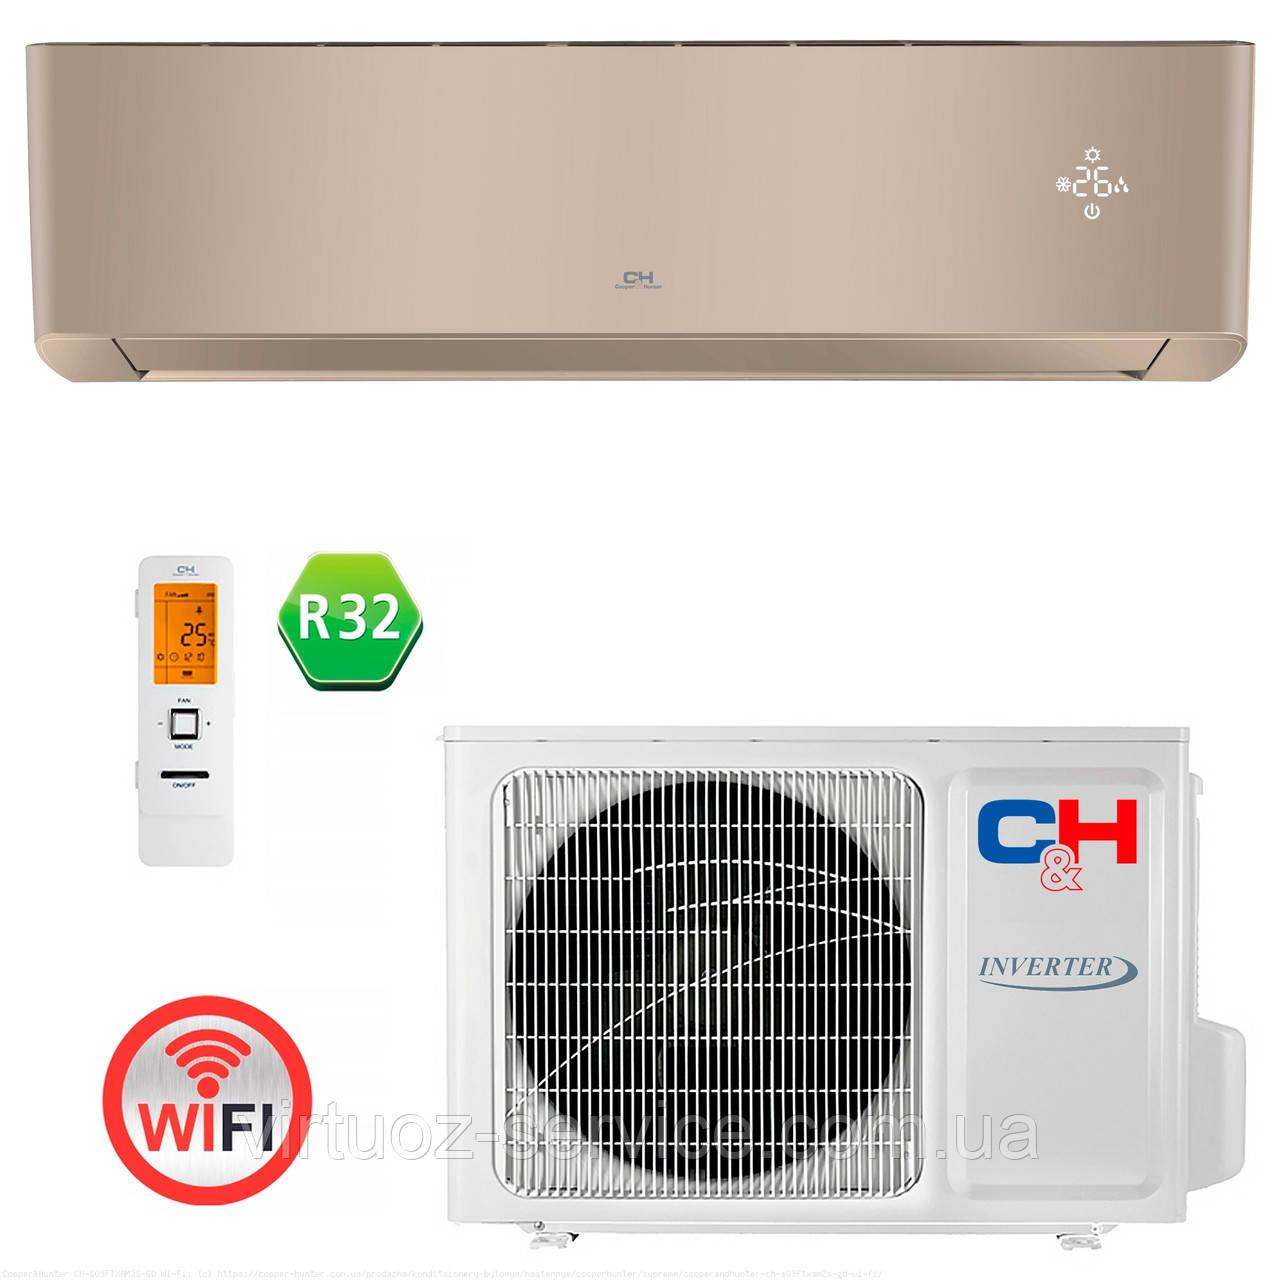 Инверторный кондиционер Cooper&Hunter CH-S18FTXAM2S-GD Wi-Fi